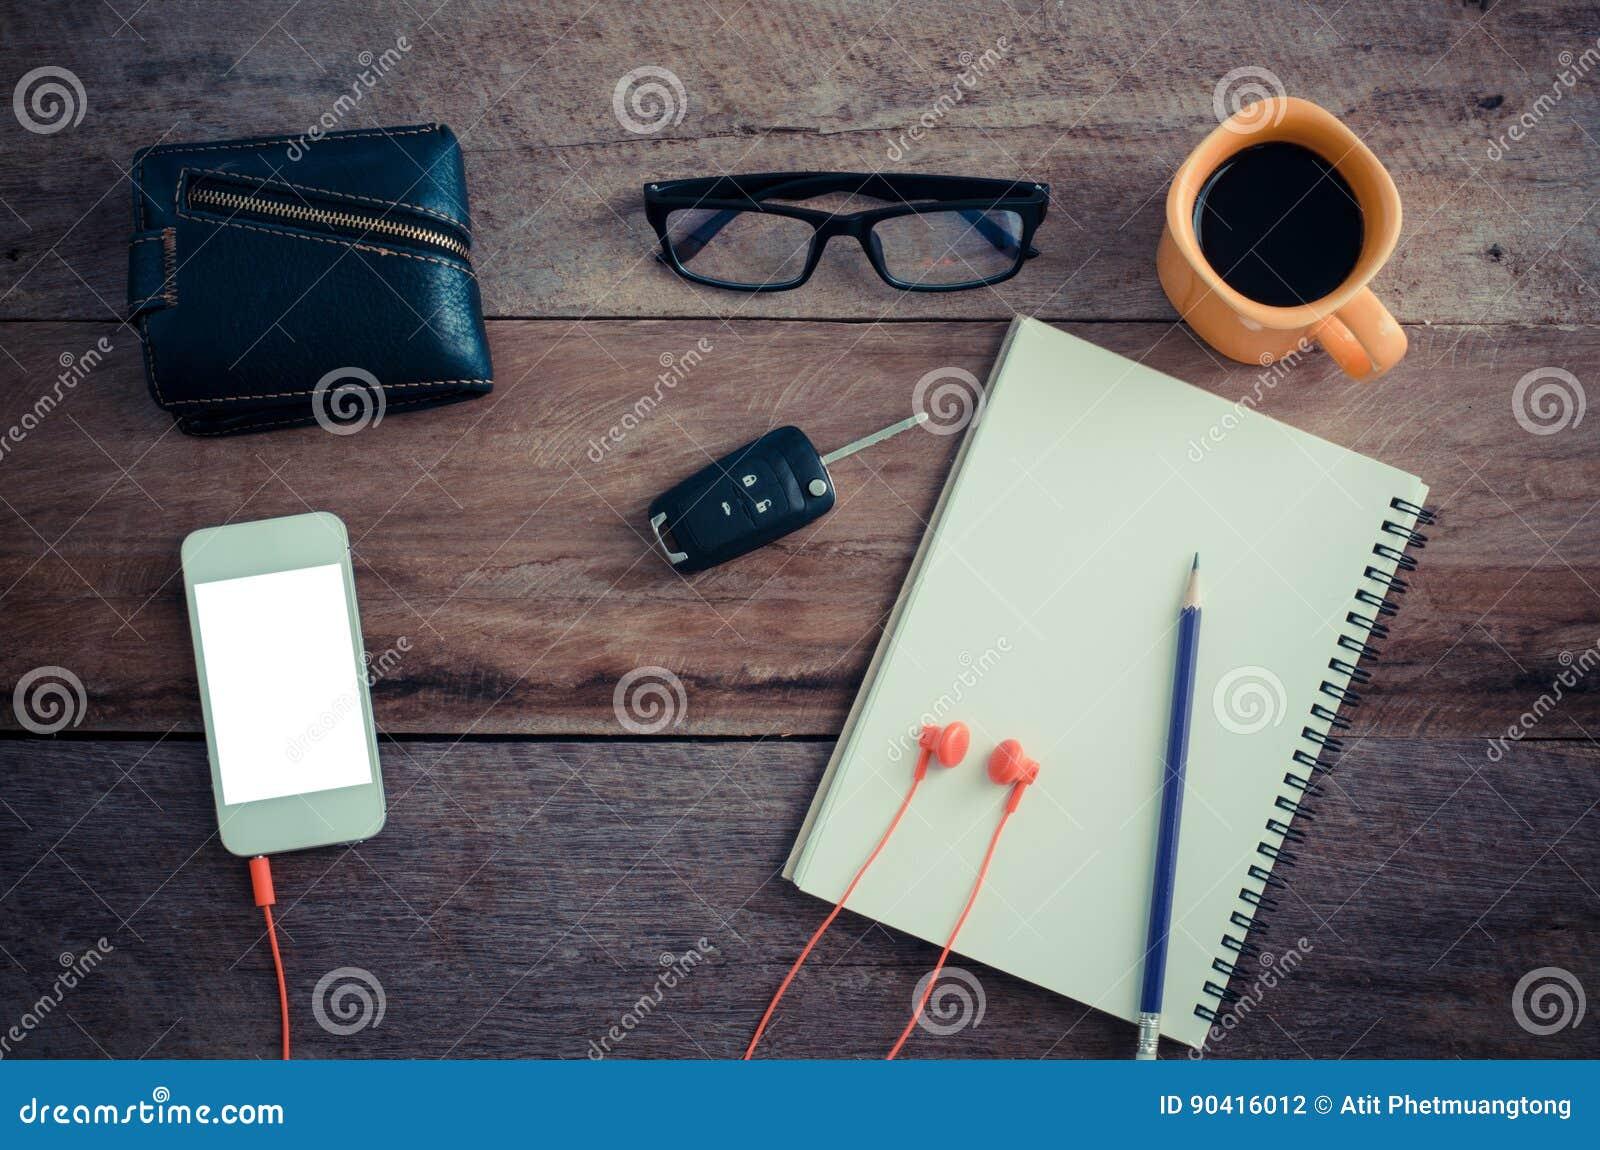 Die Oberfläche eines Holztischs mit einem Notizbuch, Smarttelefon, Gläser, Geldbörse, Autoschlüssel, Kaffeetasse